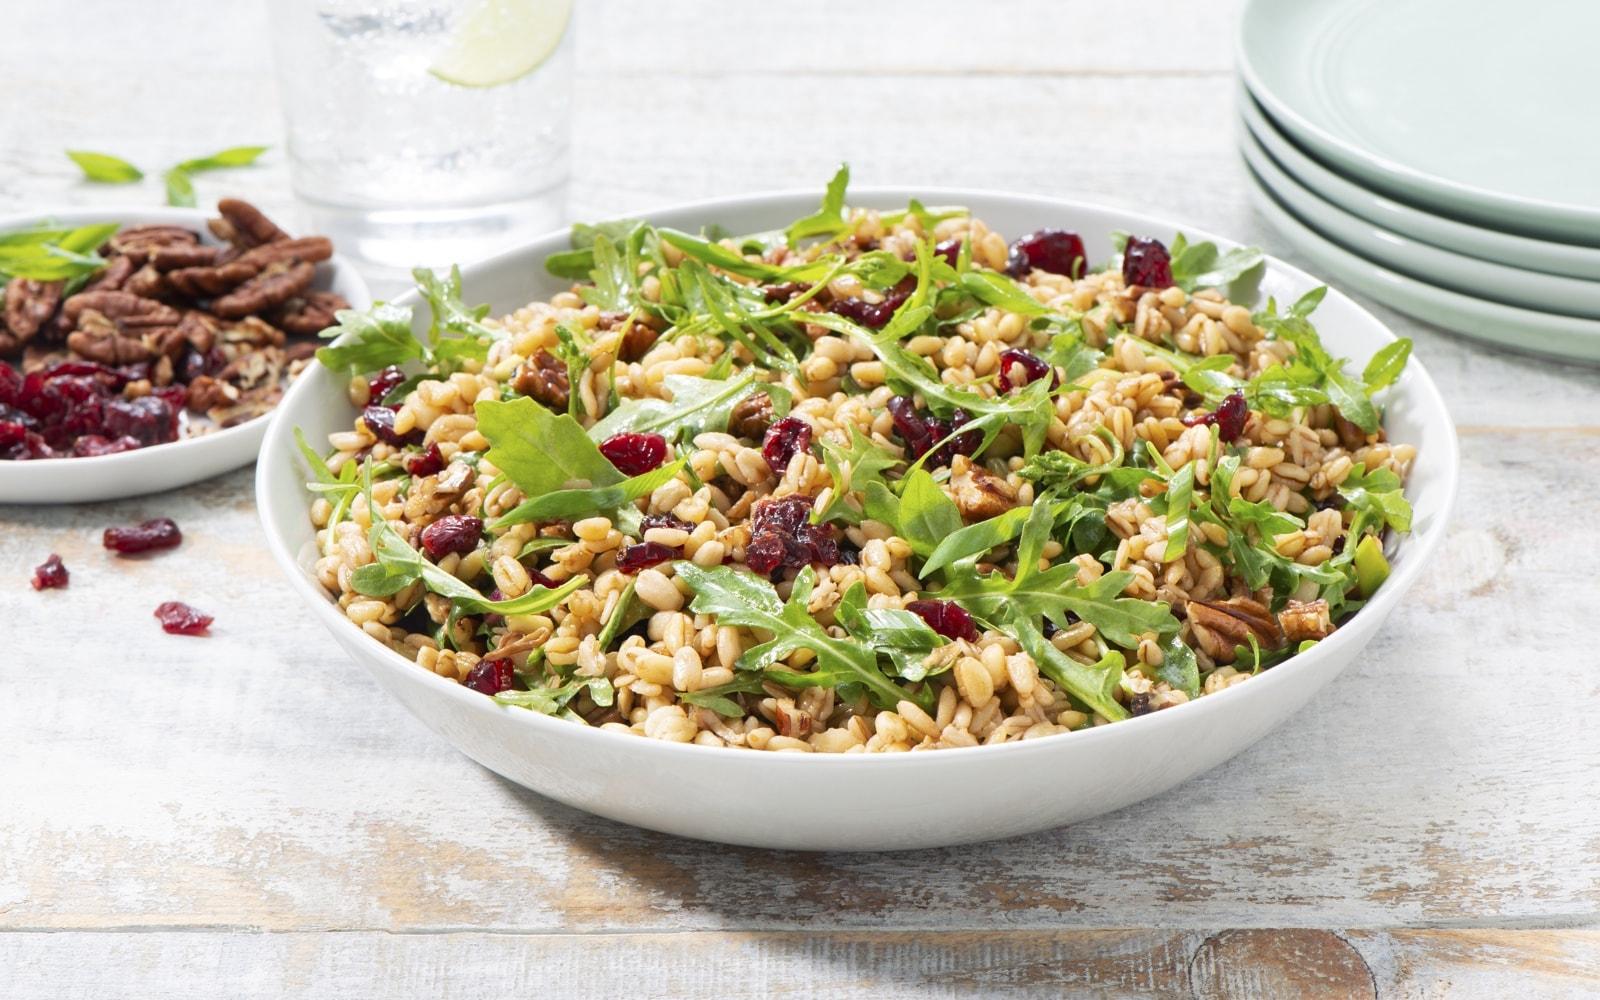 Cranberry Arugula Grains Salad